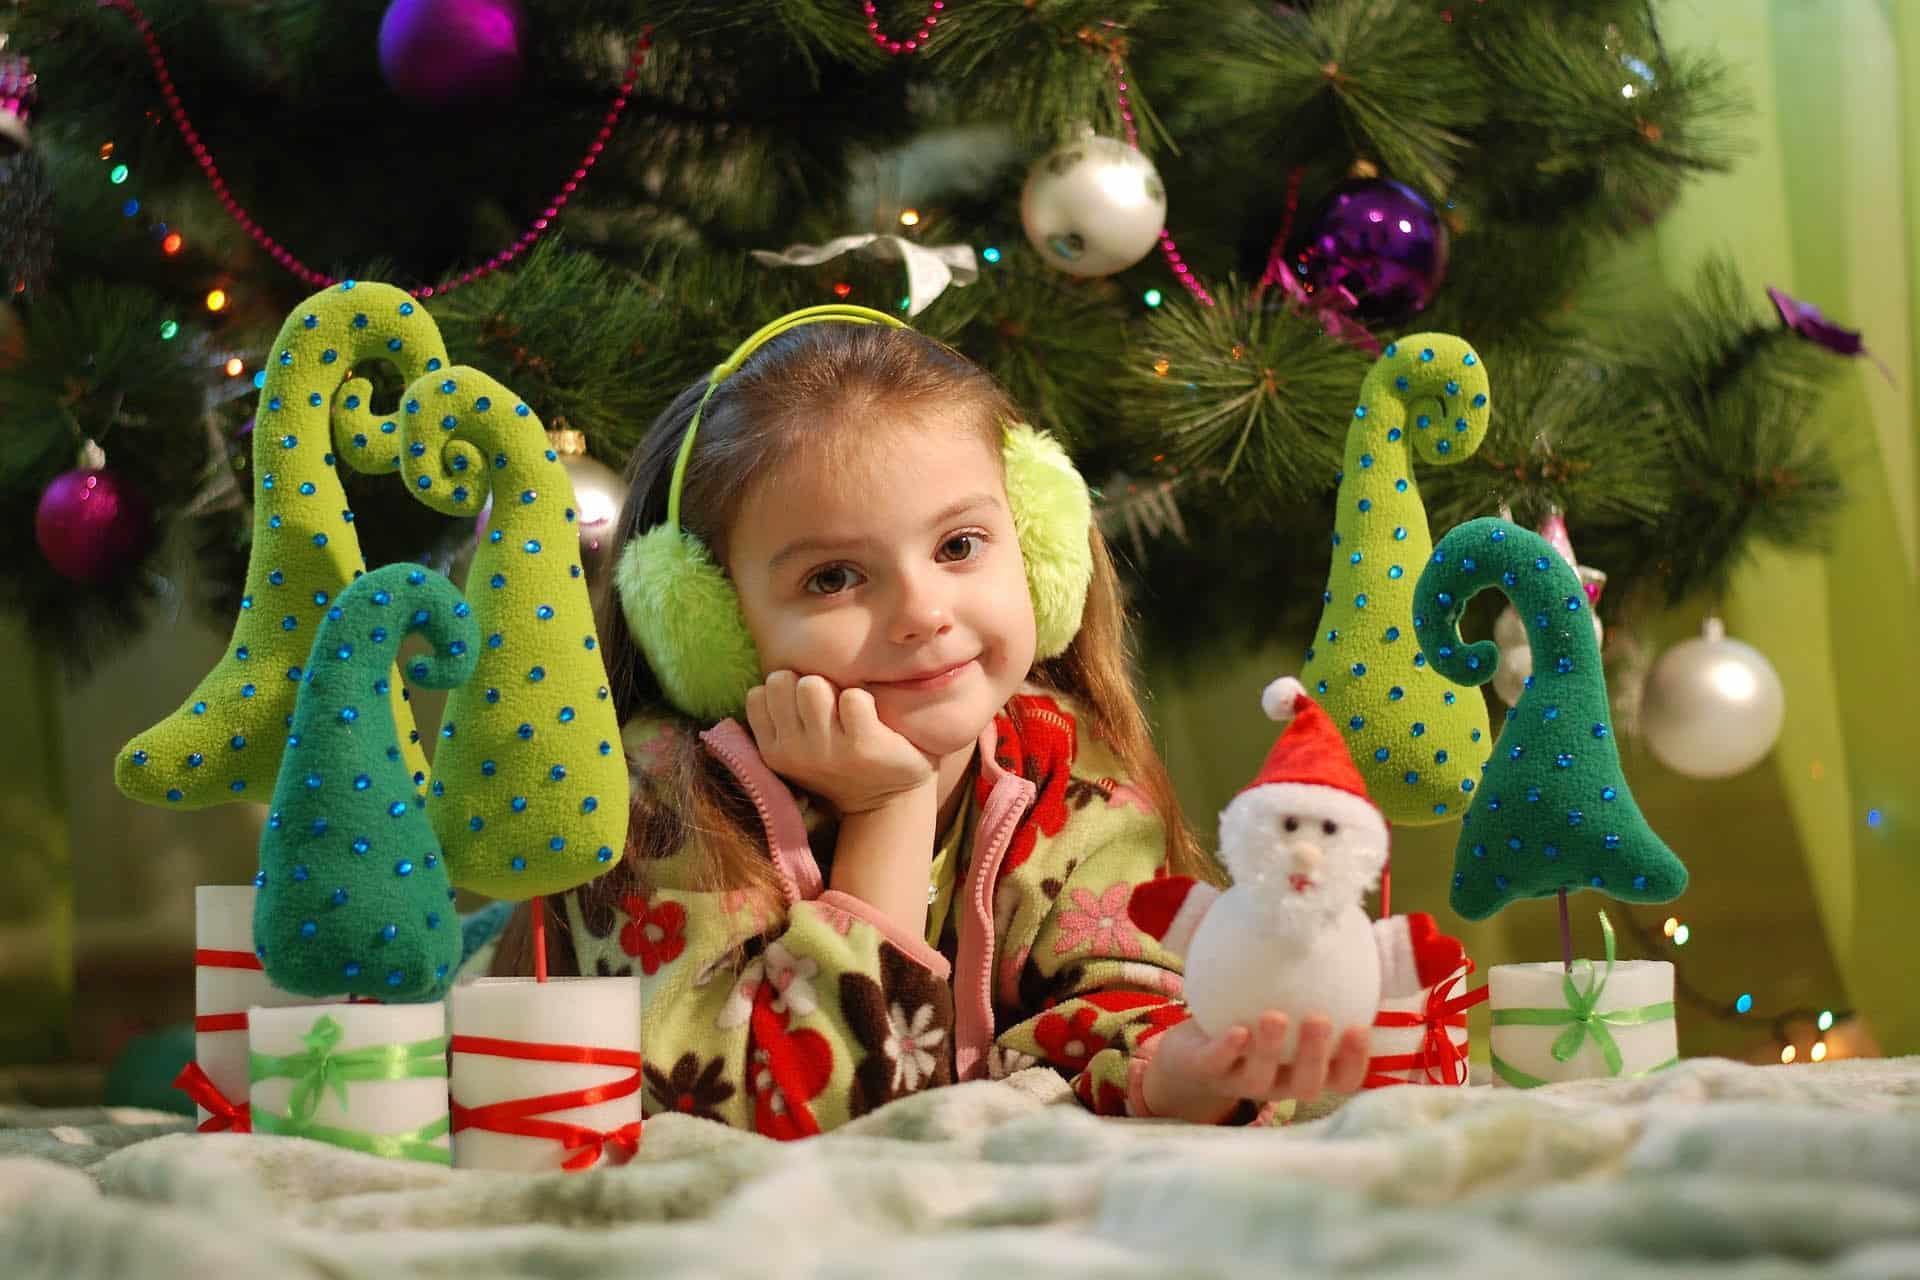 Los mejores juguetes para regalar en Navidad 2019 y Reyes 2020